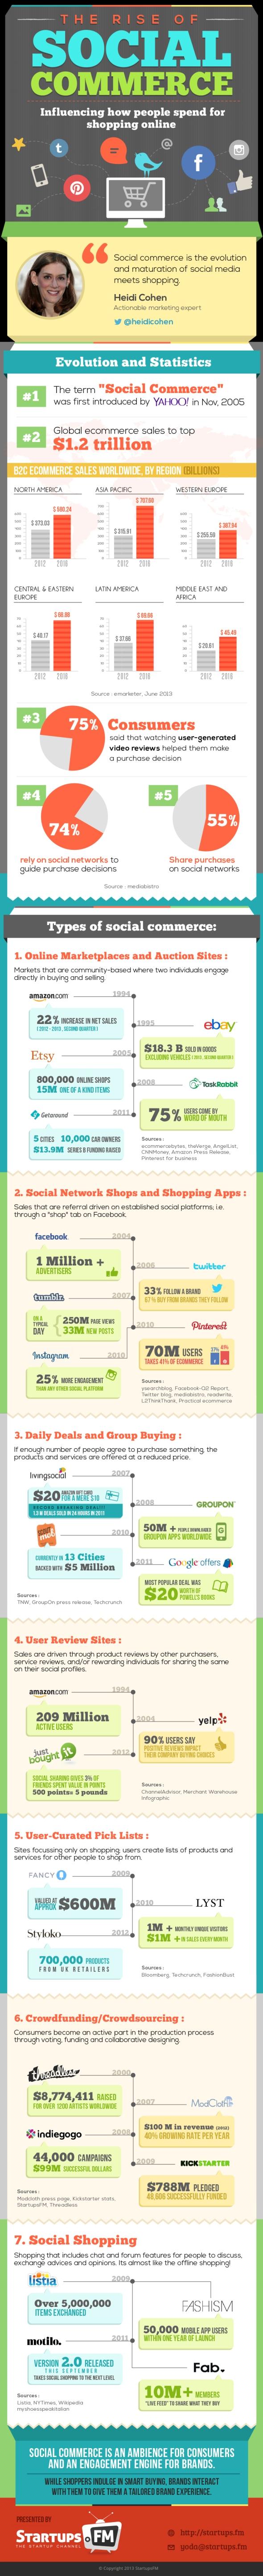 rise-of-social-commerce_523b4e2f32a07